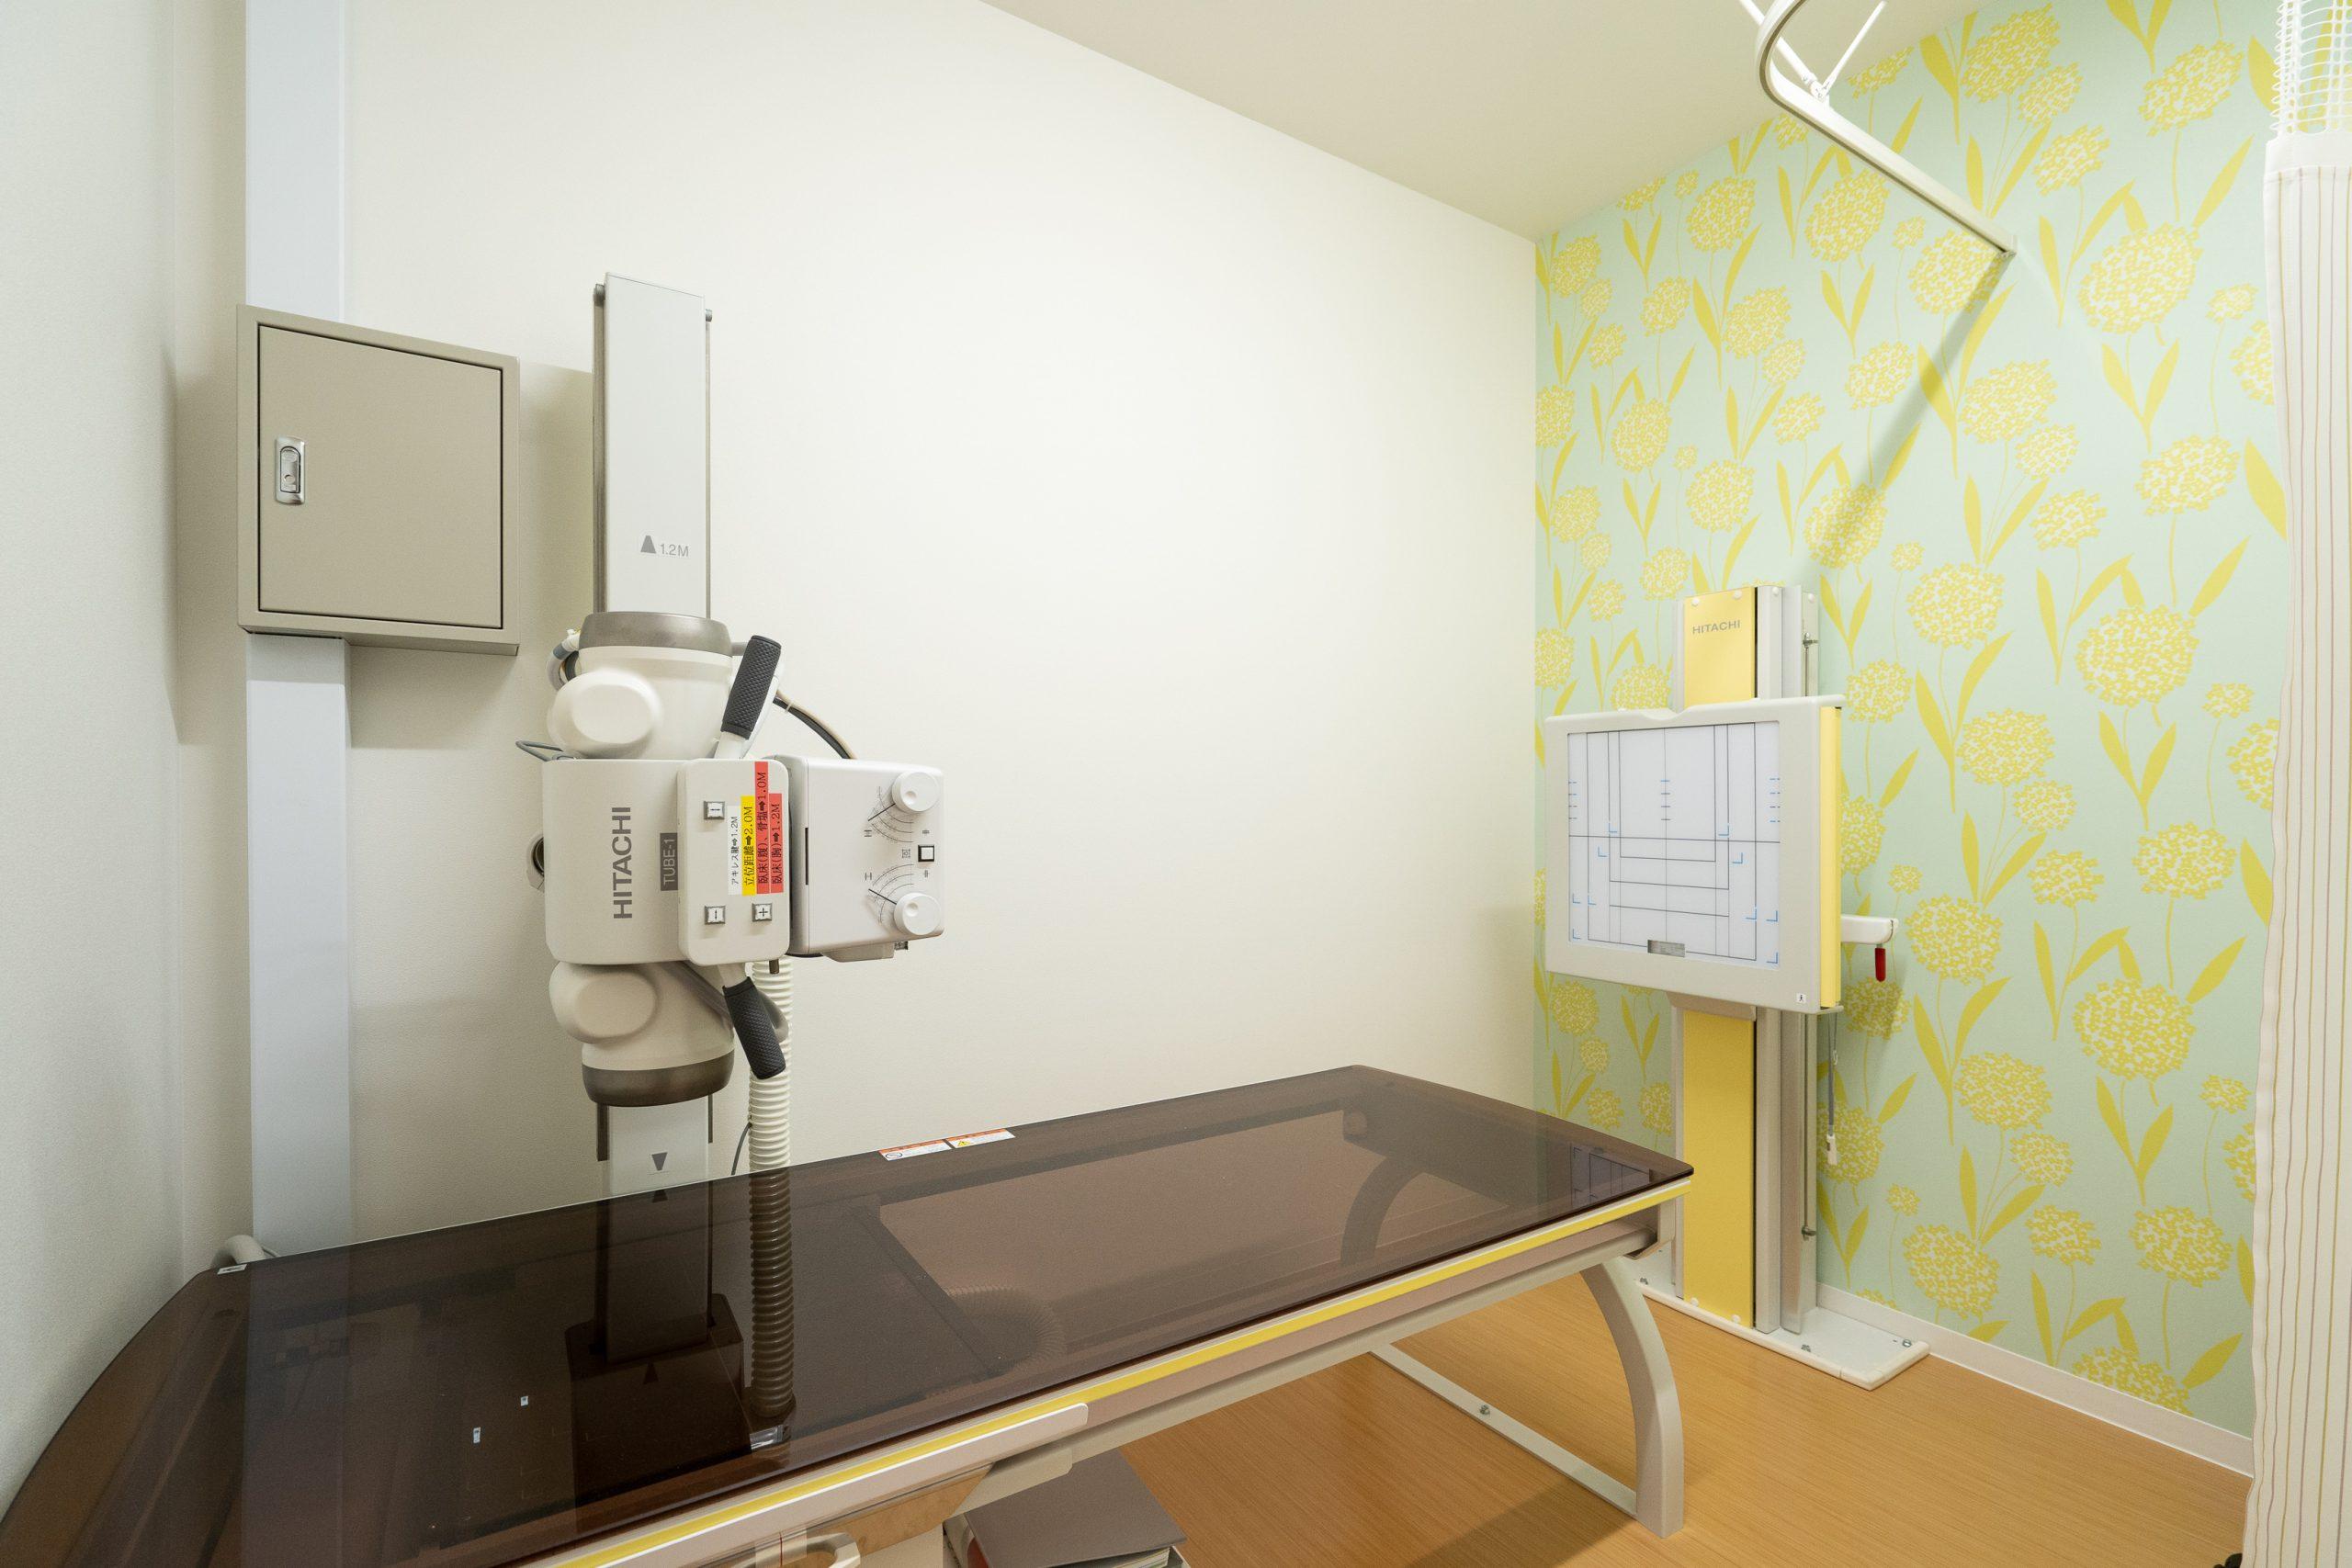 胸部レントゲン検査|仙台市泉区の泉大沢ファミリークリニック